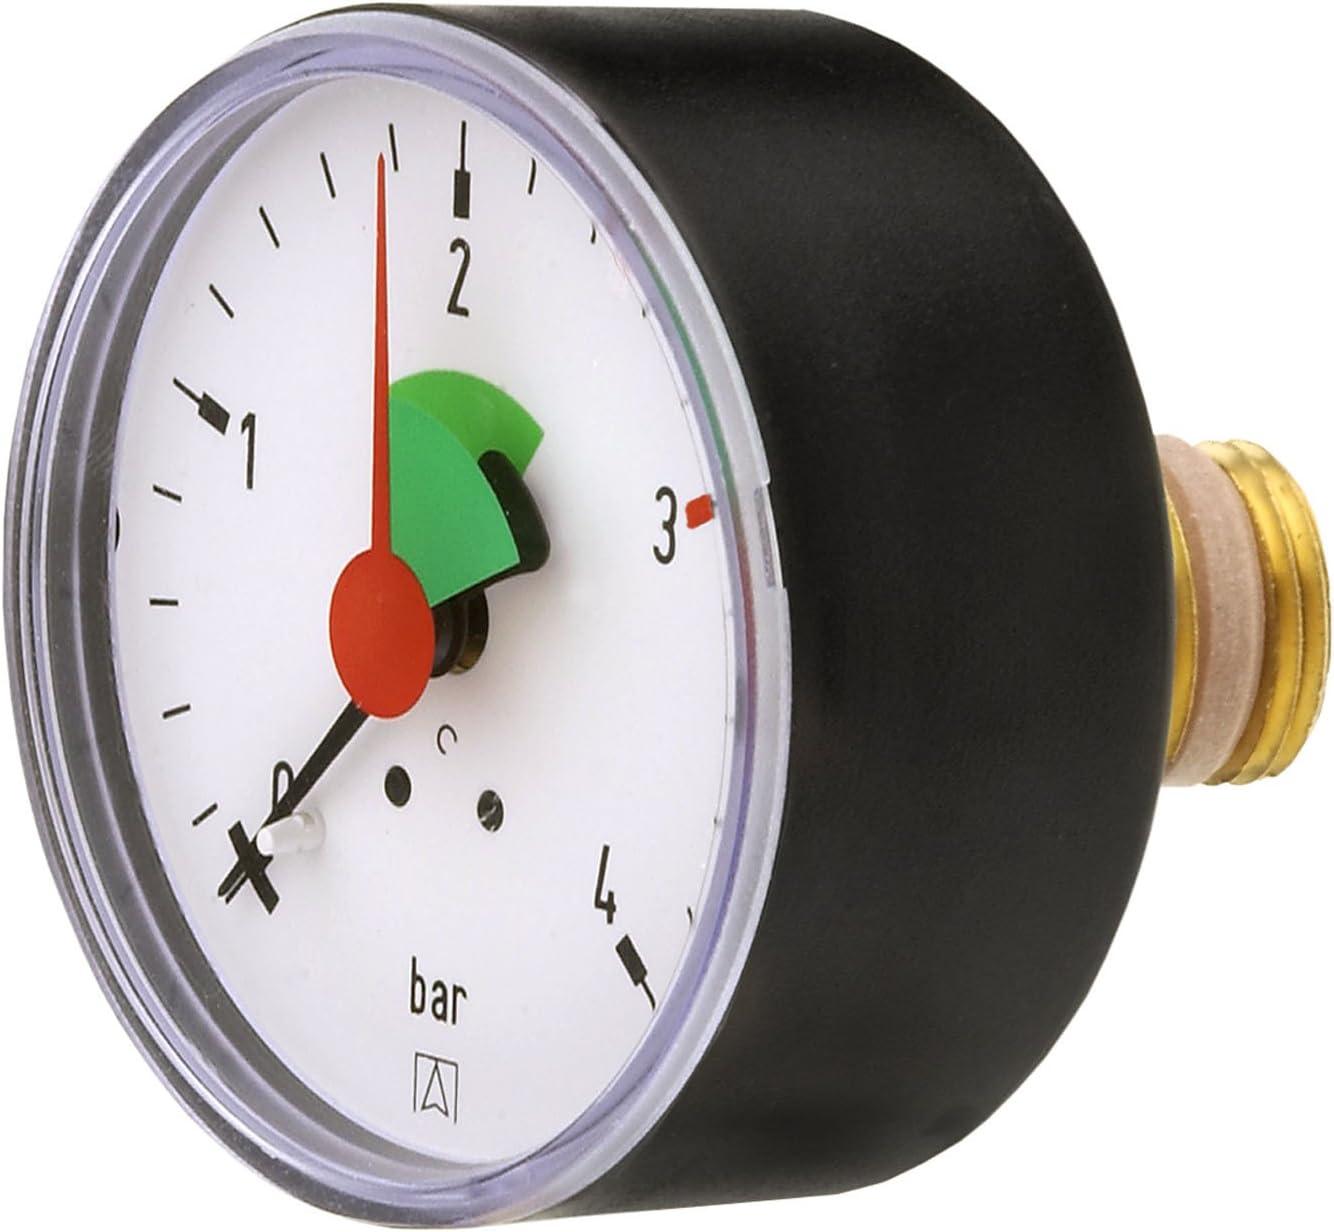 Cornat T593701 Manometer 0 4 Bar Selbstdichtend Für Anschluss Von Hinten 3 8 Zoll Baumarkt